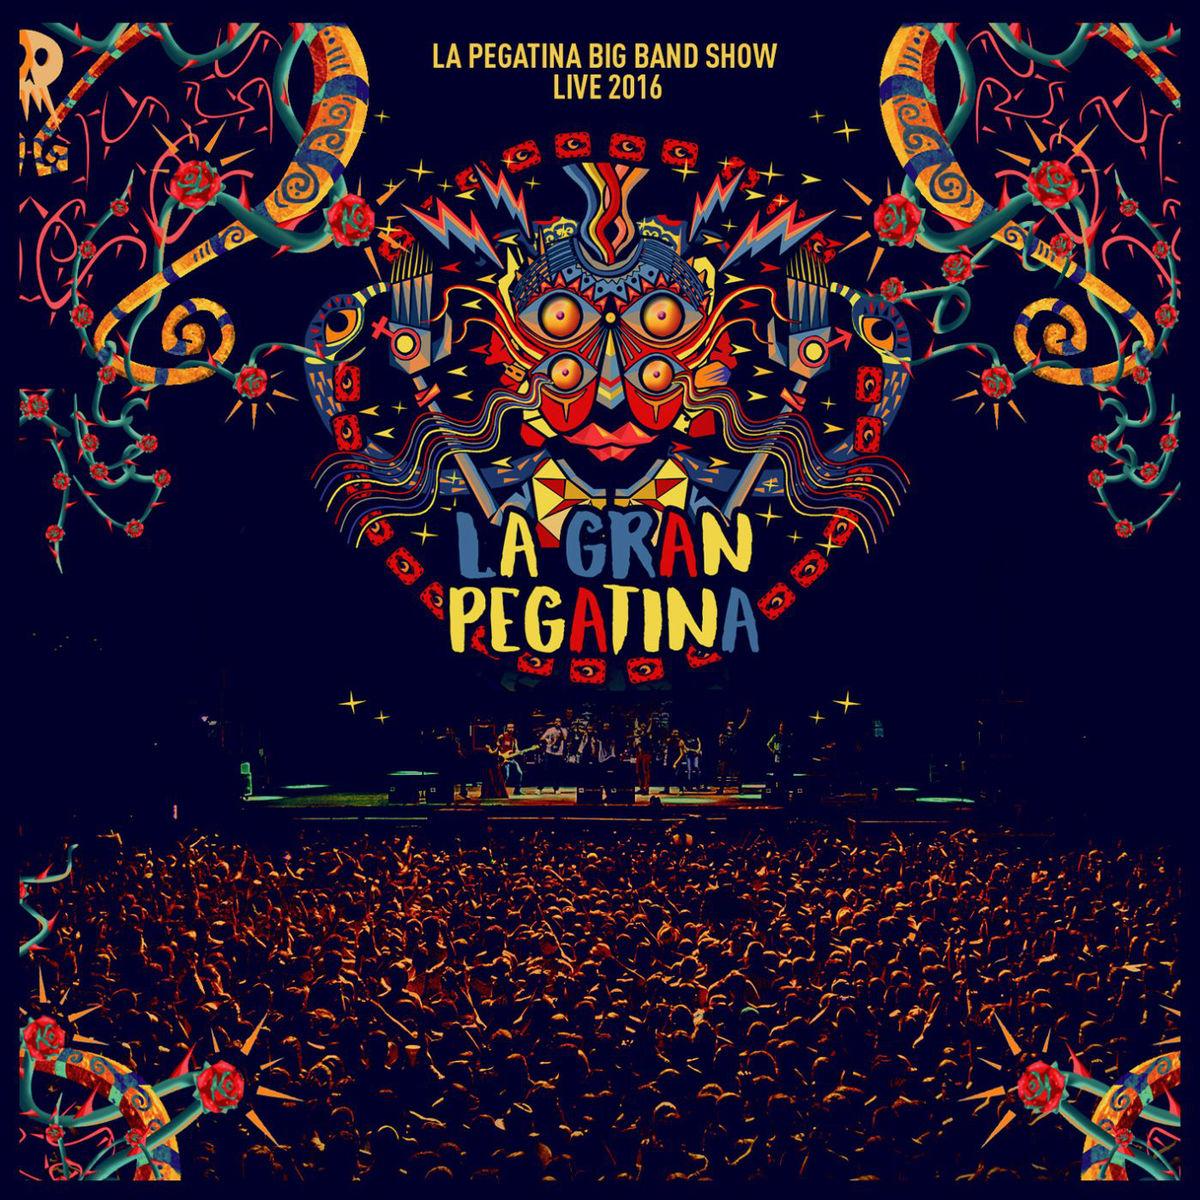 La gran Pegatina. Live 2016